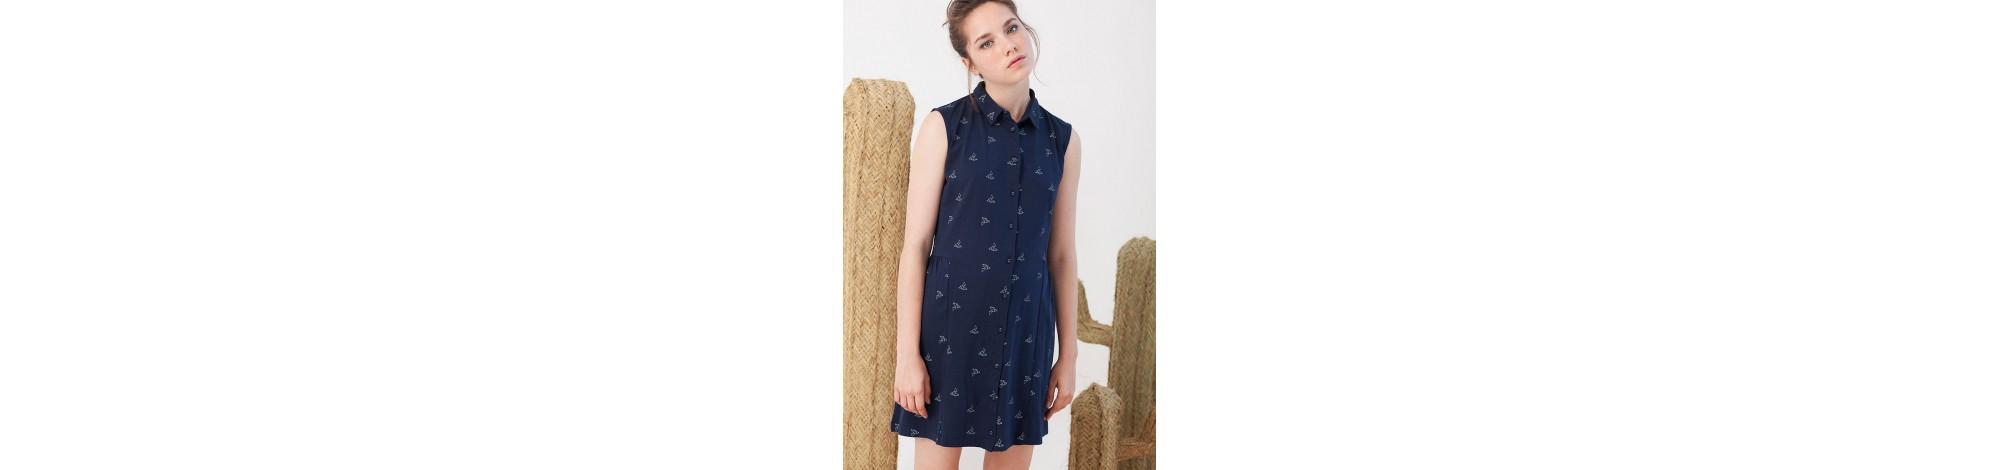 Marca de moda sostenible y de comercio justo de algodón orgánico diseñado en Barcelona